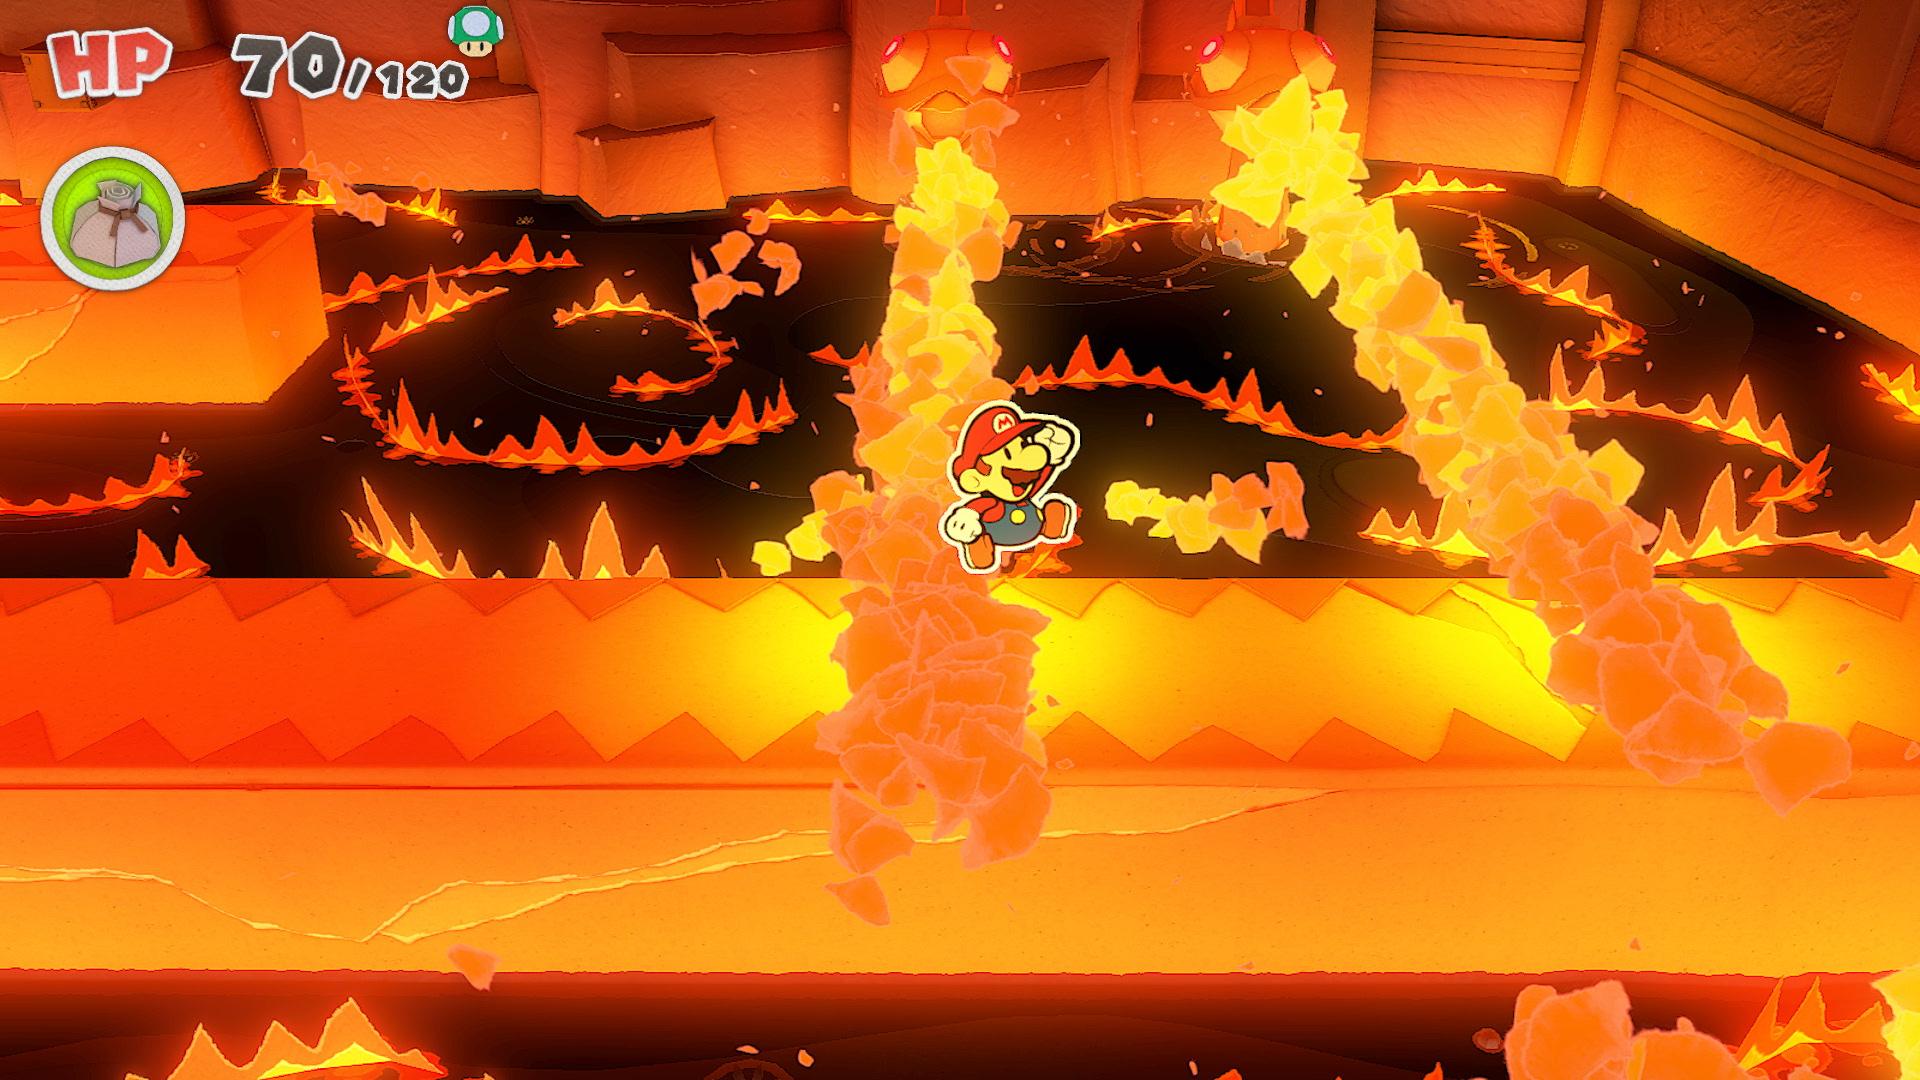 Quelle: Nintendo - Paper Mario: The Origami King - Brandgefahr!